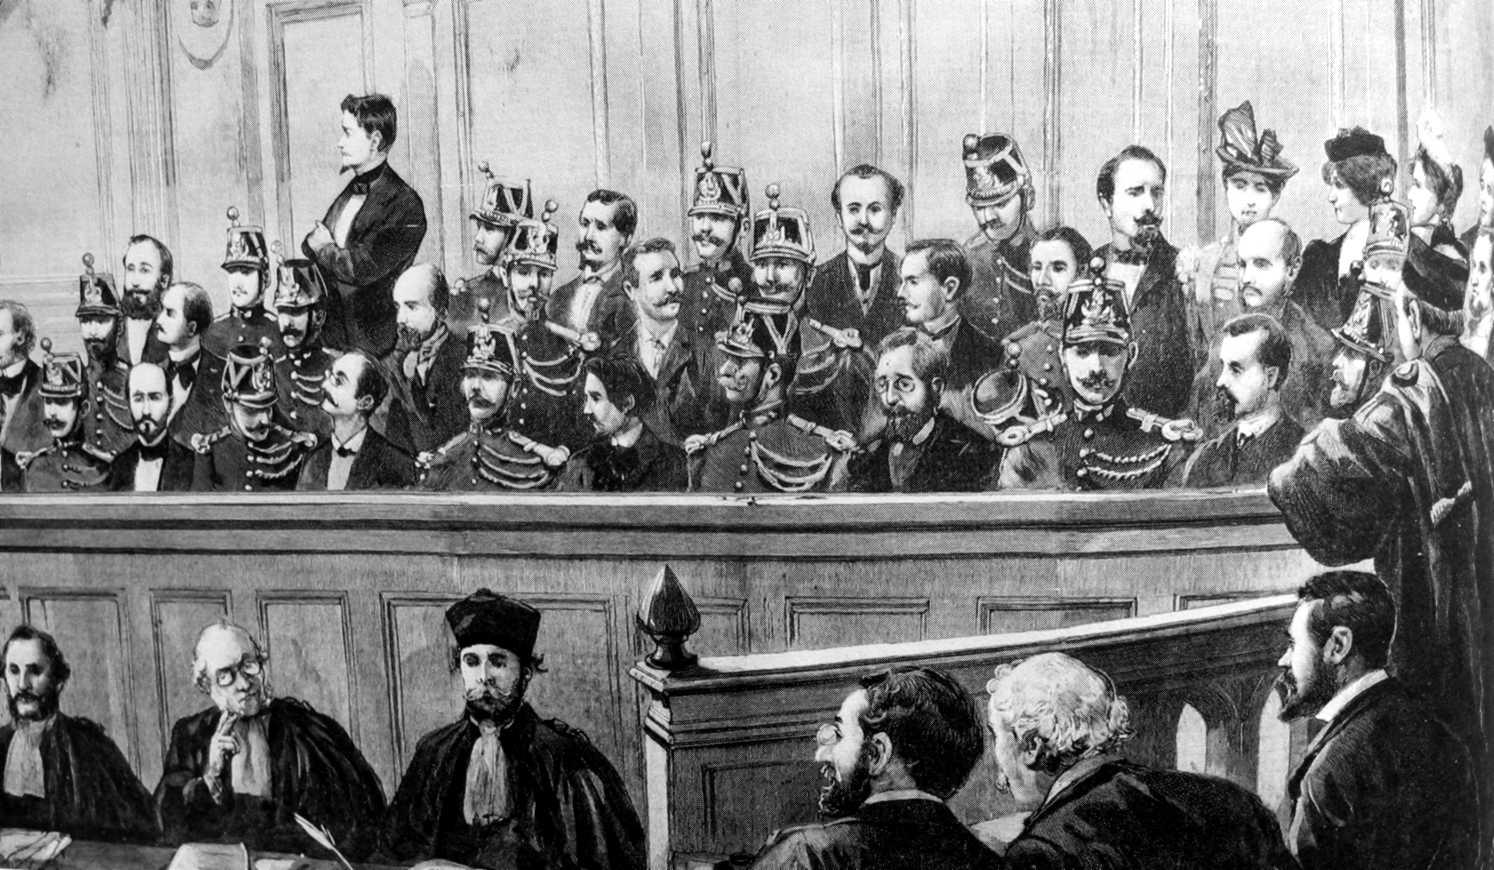 """Banc dels acusats del """"Procés dels Trenta"""" segons el diari parisenc """"Le Journal Illustré"""" del 9 d'agost de 1894"""